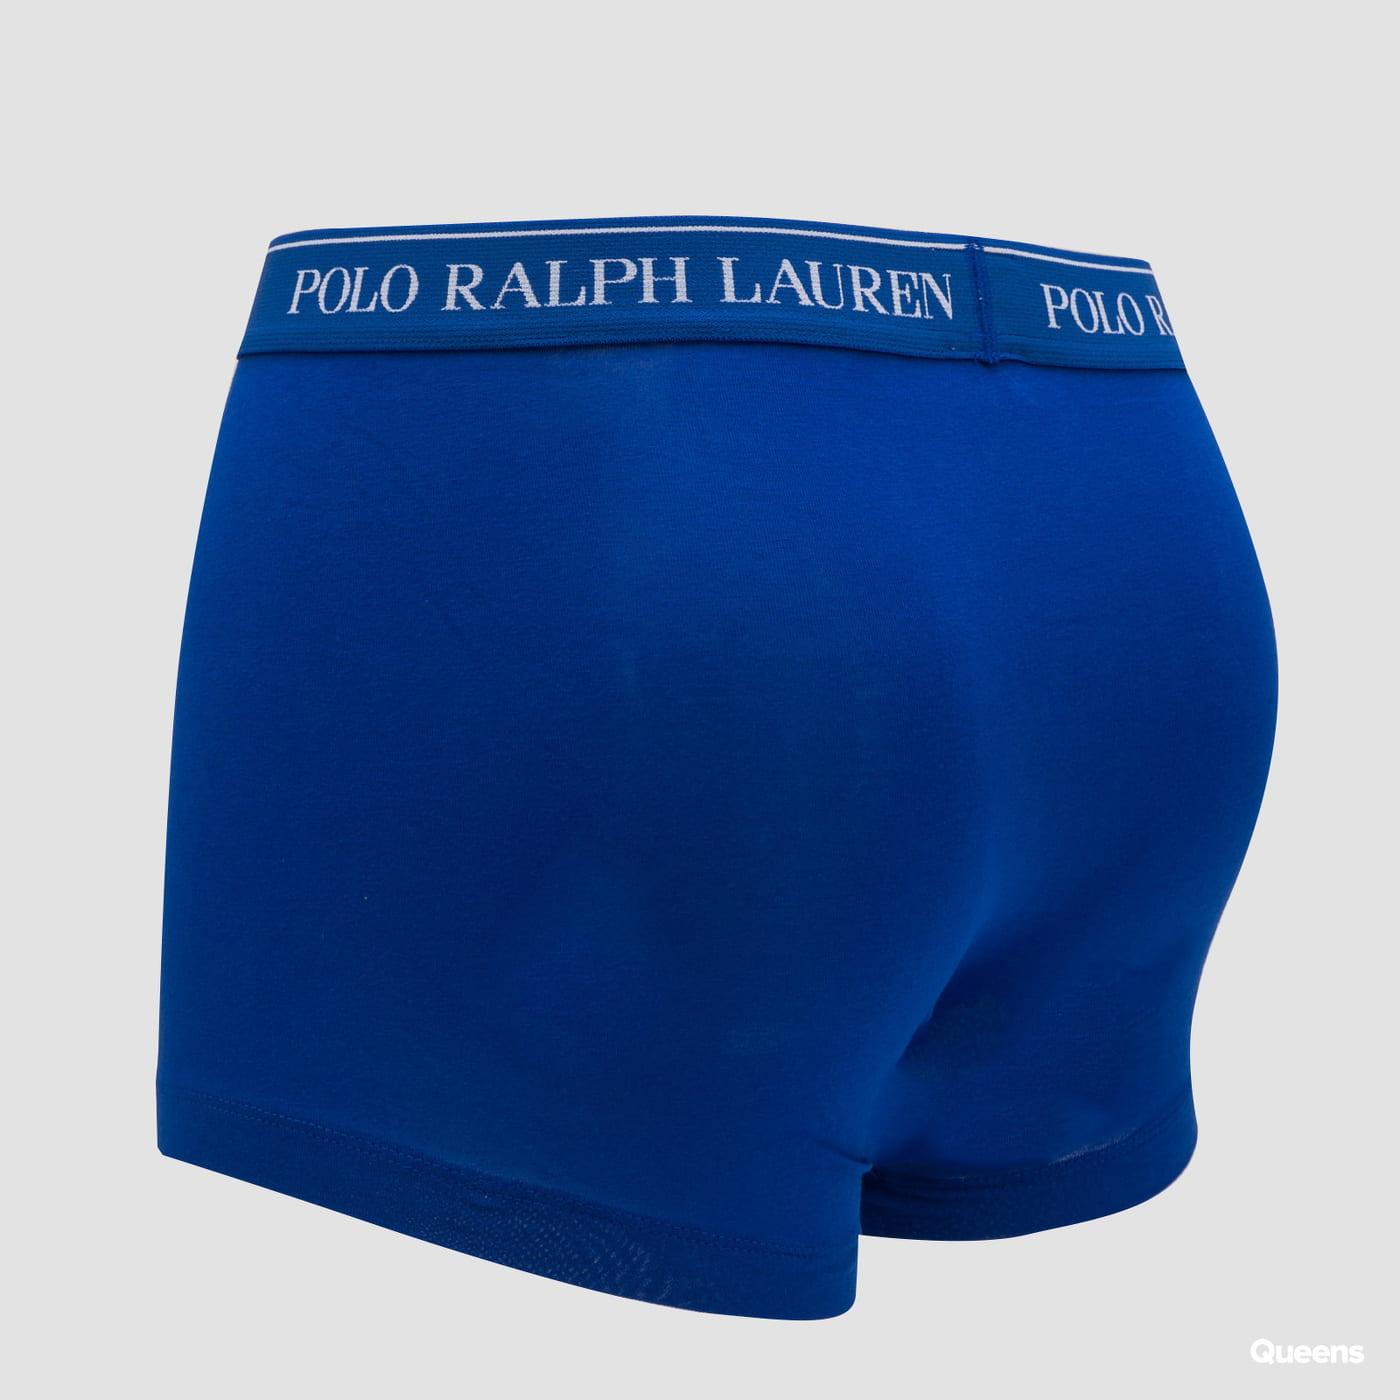 Polo Ralph Lauren 3Pack Stretch Cotton Classic Trunks C/O svetlomodré / modré / navy